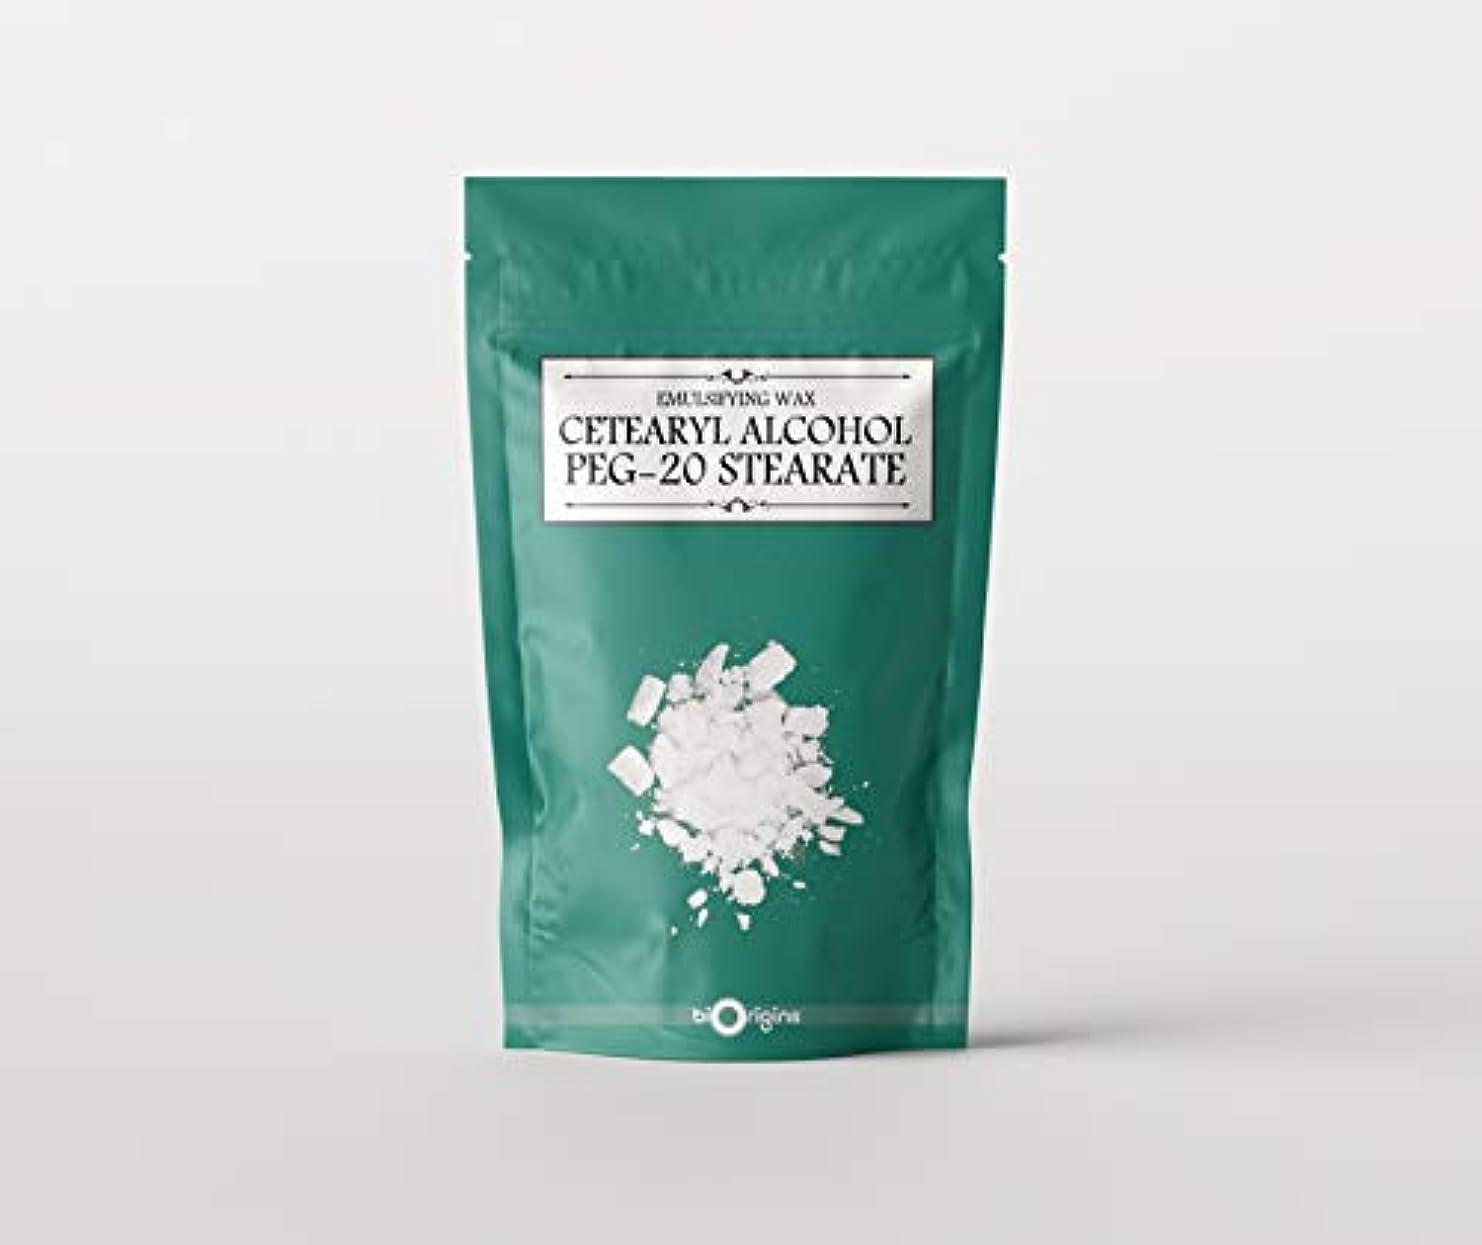 普及有力者場合Emulsifying Wax (Cetearyl Alcohol/PEG-20 Stearate) 500g